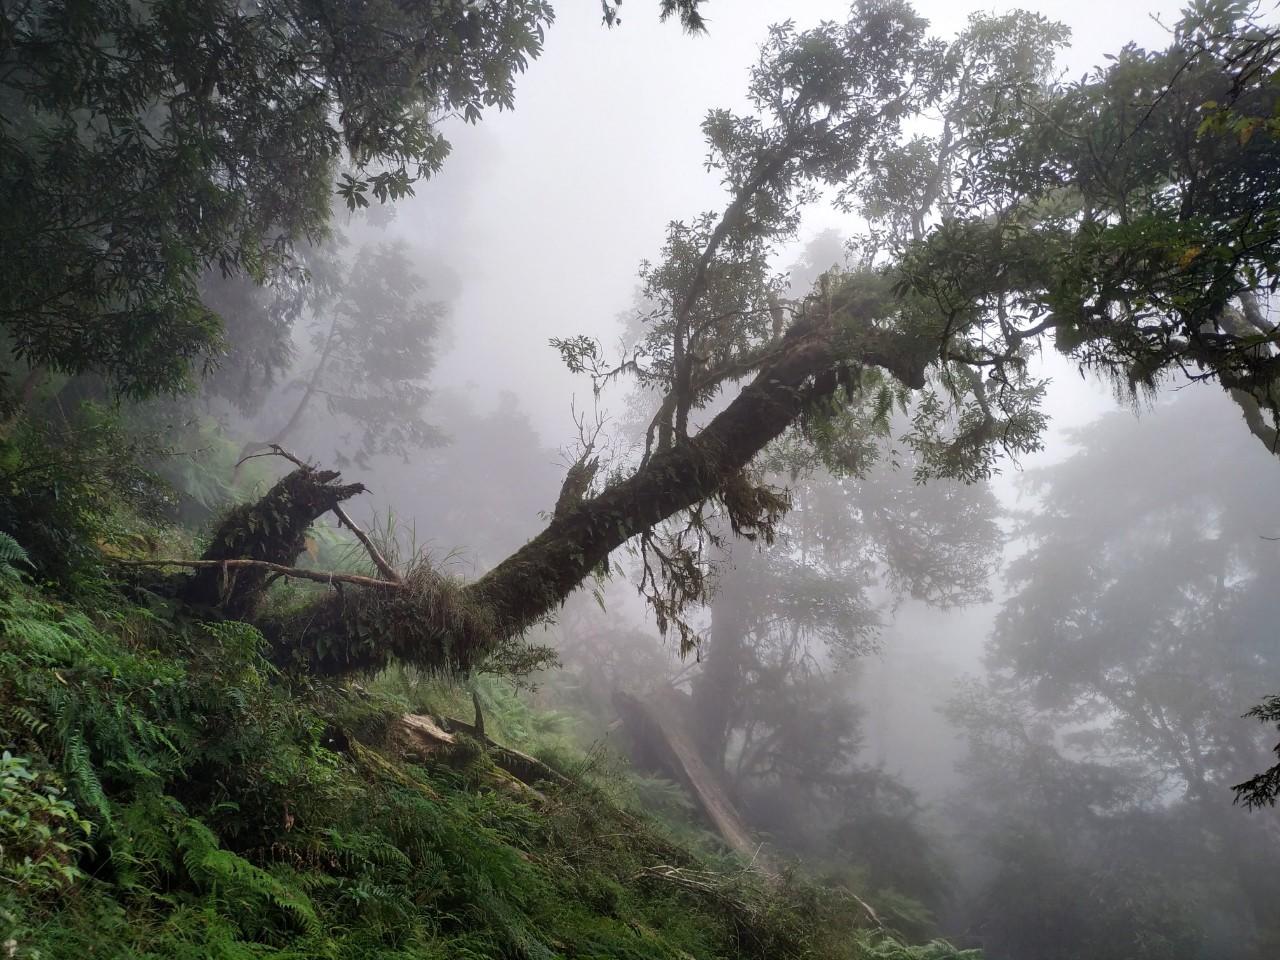 「不怕死」的練習─巨大神木的教導 九月初,我們一家四口去了一趟宜蘭,這一次先生行程安排,是到「棲蘭」看神木,有機會度假就是往深山裡跑,孩子也習慣了,而且炎熱的夏天到山裡去,也確實會涼快很多呢。 當初先生會選擇去棲蘭(馬告生態園區),是因為那裡的神木數量,非常龐大(一共有五十多棵),大老遠去一趟,可以看到數量多一點的神木,才能有種賺到、不吃虧、回本的感覺,這種很想吃很飽的心態有點好笑,不過我是真的很喜歡巨大的樹,所以出發前我也沒先做任何功課,反正就傻傻的聽從先生的安排,往山裡去了。 要到馬告生態園區看大樹,不是隨時想去就能去的,因為必須先上網報名、預約,並且得到指定的地點,搭園區規劃的接駁車,接駁車是20人坐的小巴士,車程約快一個小時,這一個小時當中,大概有半小時,車子是走在算顛簸的石子小路上,我其實很佩服那些不算新的小巴士,可以禁得起石子路的顛簸而沒有解體,當然司機的技術也是有練過的,所以才能把大家,平安的載上去,又平安的載下來呢。 到馬告看神木,還有另一項特別的規劃,就是會有導覽人員,因為在山上停留的時間,大概約二個半小時,有導覽人員帶領著,會比較好掌握人及時間~導覽員一共有二位,一男一女,看神木的路線也有二條,一條比較短,輕鬆走的,一條比較長,需花點力氣才能完成。當然比較長的那條,可以看到最完整的神木群,二條路線,都是二個小時走完。 導覽員讓大家自由選擇,看想走輕鬆還是稍加困難,女兒的眼神透露出想走簡單的就好,不過因為前一天到太平山搭高山火車時,見識到了遊客隨時、隨地都要瘋狂拍照的情形,我告訴女兒~如果走簡單路線,除了神木看到的少,還會看到一堆人擺各種姿勢猛拍照,這樣妳們受的了嗎?媽媽我是絕對受不了,所以我們還是走人比較少的路線,雖然得多走些路,但神木應該不會讓我們失望的,唉啊~女兒在野蠻母親的決定下,就算心裡不是太願意,也只好走了…… 帶領我們的是~女導遊,因為路程比較遠,所以在腳程上就得走快一些,雖然如此,她對關於神木的解說,還是非常詳細的。馬告的神木群,跟我以前去看過的神木(拉拉山、阿里山)有挺大的不同,其實應該是說~以前去看,都沒有人解說,所以我只能以外行人看熱鬧的心態,看到我能看到的~當有人解說時,能看到的點,就不太一樣了。 在導覽員的解說之下,我才知道馬告山上的神木,有些是因為〞不夠完美〞或是木頭的中心中空,所以才逃過了被砍伐的命運(因為沒有很高的經濟價值),可以被稱的上是神木等級的樹,都有名字~是根據它們的樹齡去推斷,找出符合東、西方名人符合的出生年代,所以有孔子、有佛陀、有武則天、有楊貴妃、有耶穌、有成吉司汗、諸葛亮……,這樣的命名好像還蠻有趣的,不過對於我而言,哪棵樹叫什麼名字,我是完全連結不起來啦! 因為選擇走比較長的路程,所以可以看到更多的神木,比較特別的是~有挺多的神木是死掉的~死掉的原因,有些是自然死的,絕大部份是因為颱風的關係,有的因山壁崩塌,整棵倒下,有的被強大的風力整個扭斷,像名叫楊貴妃的大樹,本來站在山頂上,結果一場風災,它就往山的另一頭掉下去了,所以楊貴妃連個影子都沒讓我們瞧見呢。 死掉的神木令人婉惜,不過它們的死,卻也讓陽光因此進的來了~導覽員說,她曾經問過五年前曾到過山上的遊客,請他說出五年前和五年後看見的不同(神木死掉的地方),那位遊客只回答了三個字,就是「變亮了」~沒錯,神木倒下後,陽光進來了,也因此在那個地方,有些長的小的樹,開始有機會接收著陽光而長大,有些在土地裡的種子,也因著大樹的讓位,而有機會發芽~至於倒下的神木,它們不會立即的被蟲蛀,因為它們有芬多精的保護~蛀蟲不喜歡芬多精的味道,不過倒是會有些種子,會在它們的身上發芽,而形成了不同的生態,開始另一種的生生不息。 本來覺得大老遠跑去,看到的卻是一些死掉的神木,有點掃興,不過後來又想~死掉的神木,對人會不會也是一種教導呢?我們會在那個最適當的時間點相遇,應該都不會是偶然,只是當下我可能還搞不清楚,或許有那麼一天,我就會明白了。結束旅程後,我就在想~那樣多的神木「勇敢死去」、「不害怕的死去」~是不是因為現在的人太害怕(死)了,所以神木才會為著人勇敢的示範著~總之我確實是一個會想很多的人,不過還能有點能力想很多,我自己倒也還蠻高興的。 前幾天一位客人來書店找我,她覺得剛上了小一的兒子變得很奇怪,她不知道孩子怎麼了,為什麼情緒一來,變得那樣難以親近,難以溝通,她的束手無策讓她想起了「故事」或許可以敲開孩子的心,所以她來找我。 我先跟媽媽聊一聊,大概了解一下她兒子的生活狀態~除了學校的學習,加上課後的才藝課程,我覺得孩子應該是超出他的能力負荷,所以造成他情緒上的失控(火山爆發)~我建議媽媽,減少孩子的課程,不過這並不是件容易說服別人的事,我問她~為什麼孩子一定得學那麼多,是怕孩子未來不夠優秀嗎?人為什麼一定要優秀?明明很多優秀的人